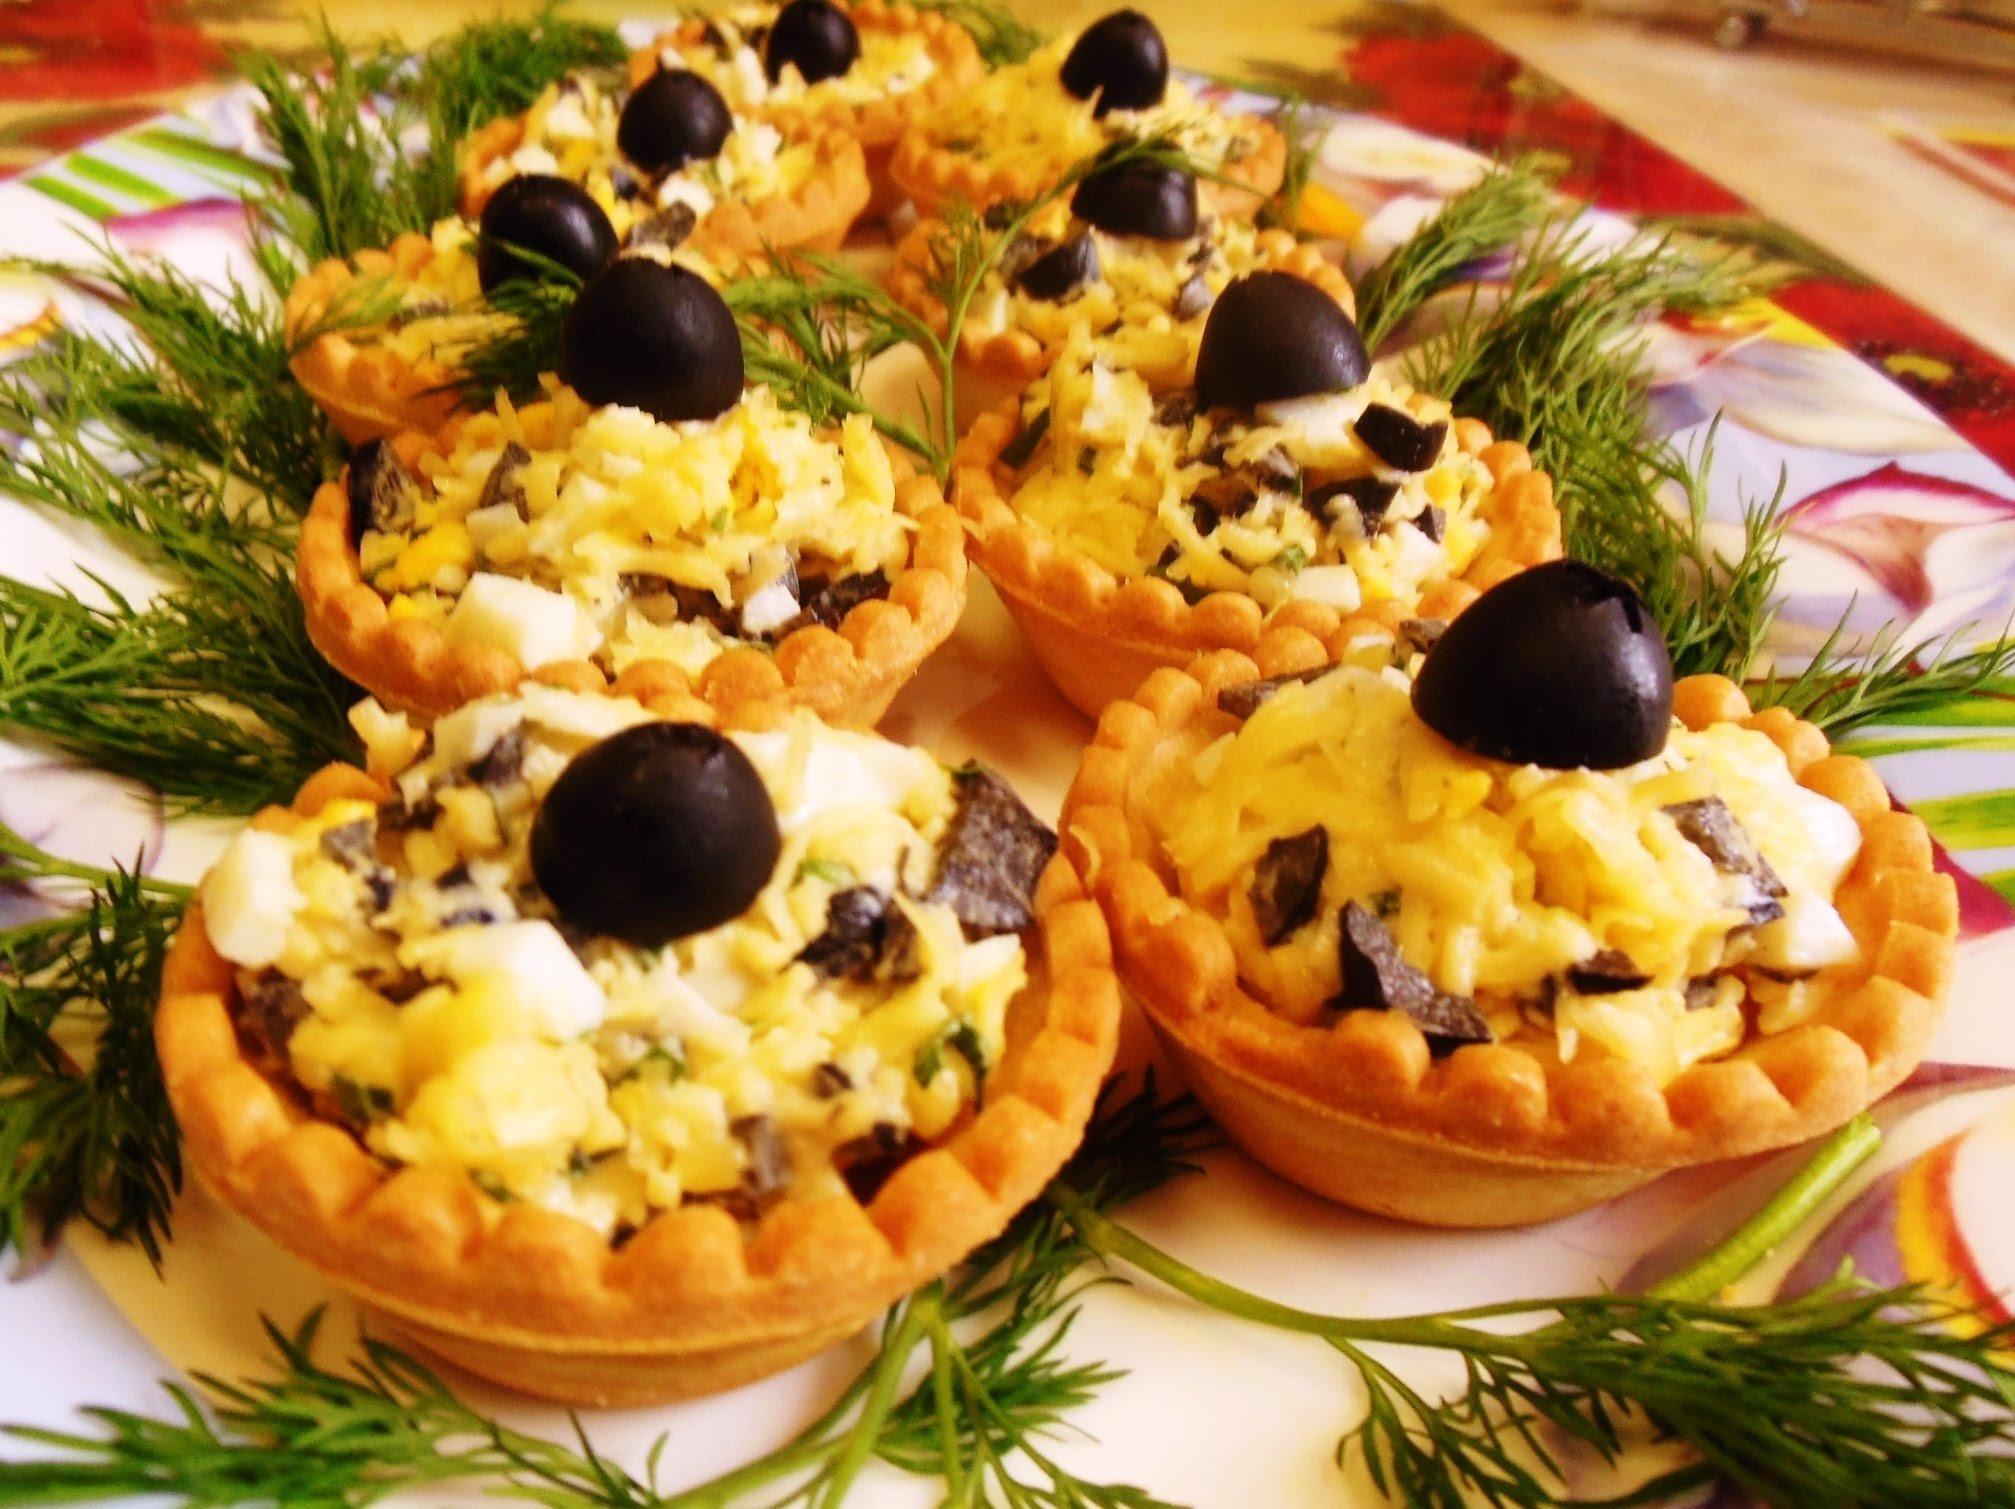 Что приготовить на рождество: подборка лучших рождественских блюд